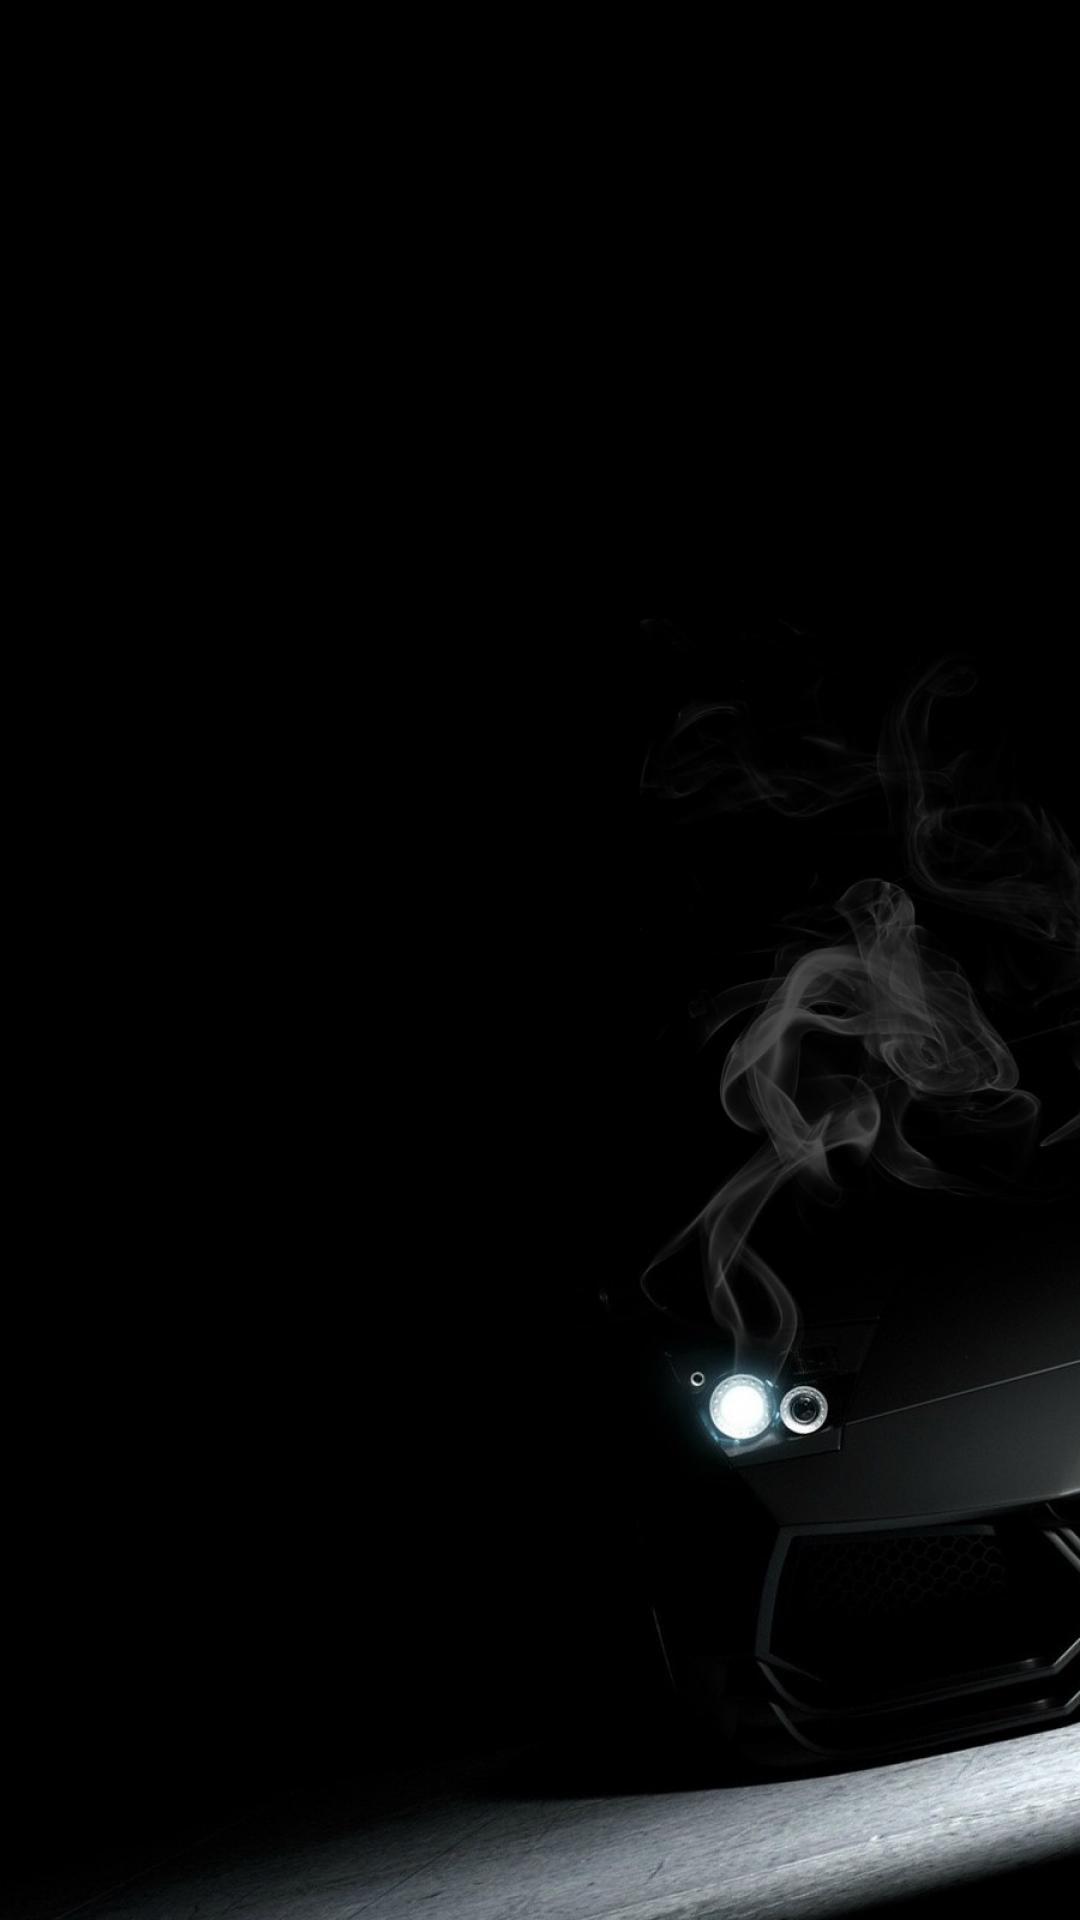 Dark Car Wallpaper Hd For Mobile